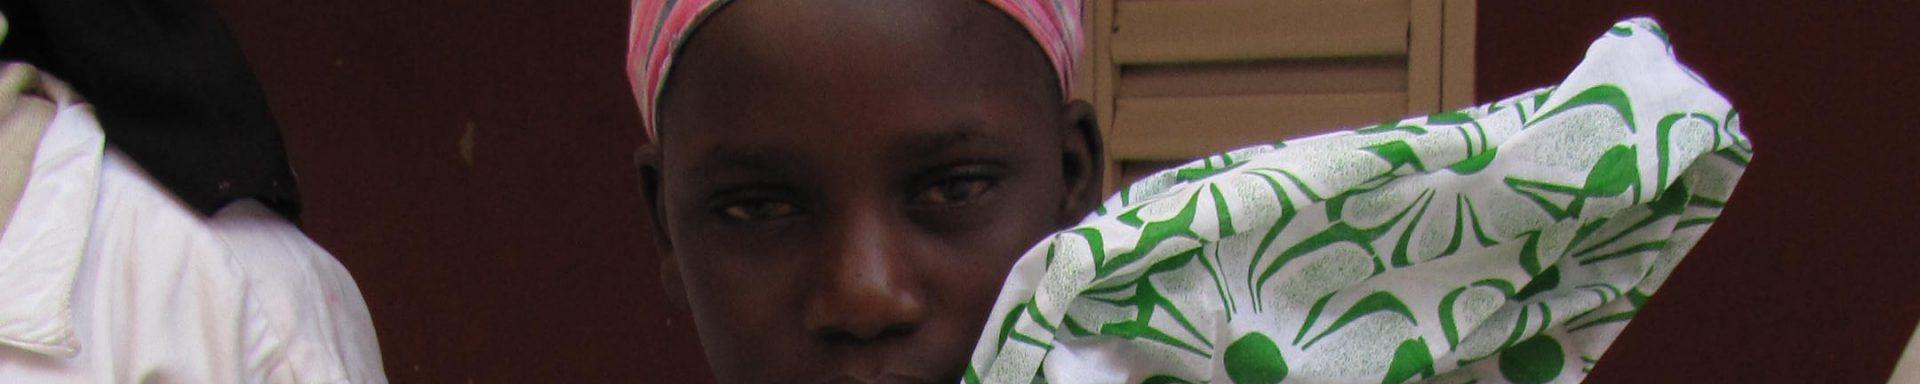 Vrouw met klamboe in Mauritanië